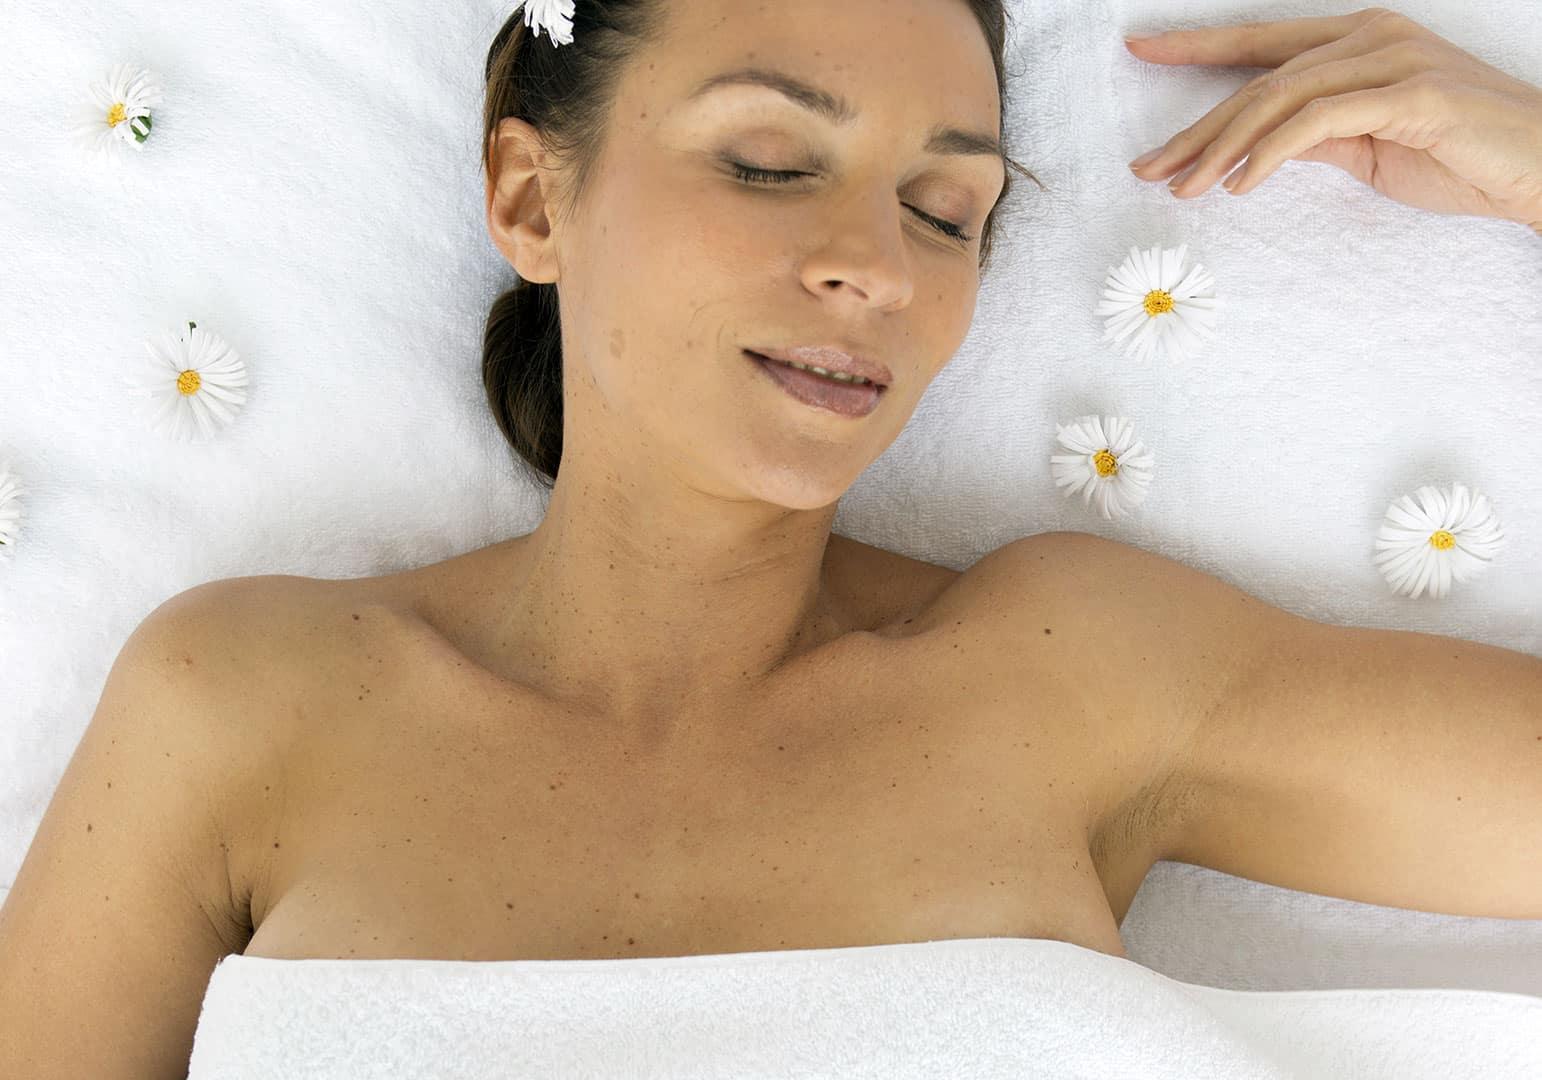 Besoin d'hiberner ? Le sommeil, source de bien-être.